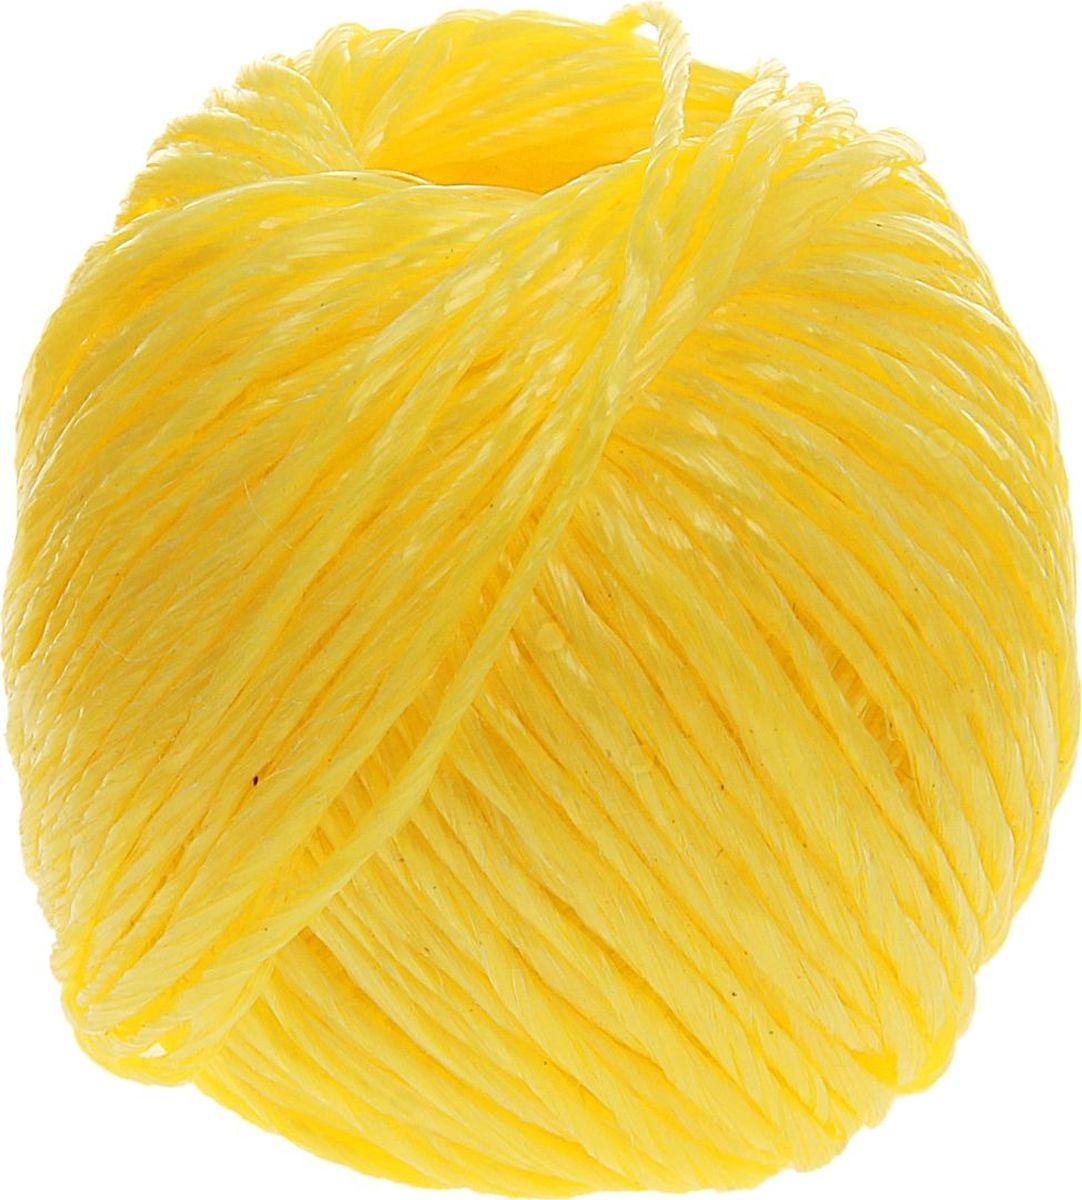 Шпагат полипропиленовый Банные Секреты, цвет: желтый, 60 м1124426Шпагат полипропиленовый, 60 м, цвет желтый представляет собой изделие, которое используется для бытовых и технологических нужд в различных отраслях производства. В хозяйстве его используют для сушки белья, вместо веревки, для упаковки вещей, при хранении овощей. Изделие обладает большой прочностью. Изготавливается ## из очень качественного сырья первичного производства путем скручивания. Он является достаточно тонким, но при этом выдерживает большое давление. Вместе с тем шпагат имеет определенные достоинства: небольшая стоимость устойчивость к разрывам и растяжениям устойчивость к температурным сдвигам большая влагостойкость хорошие теплоизоляционные свойства. Выбирайте надежные товары по привлекательной цене